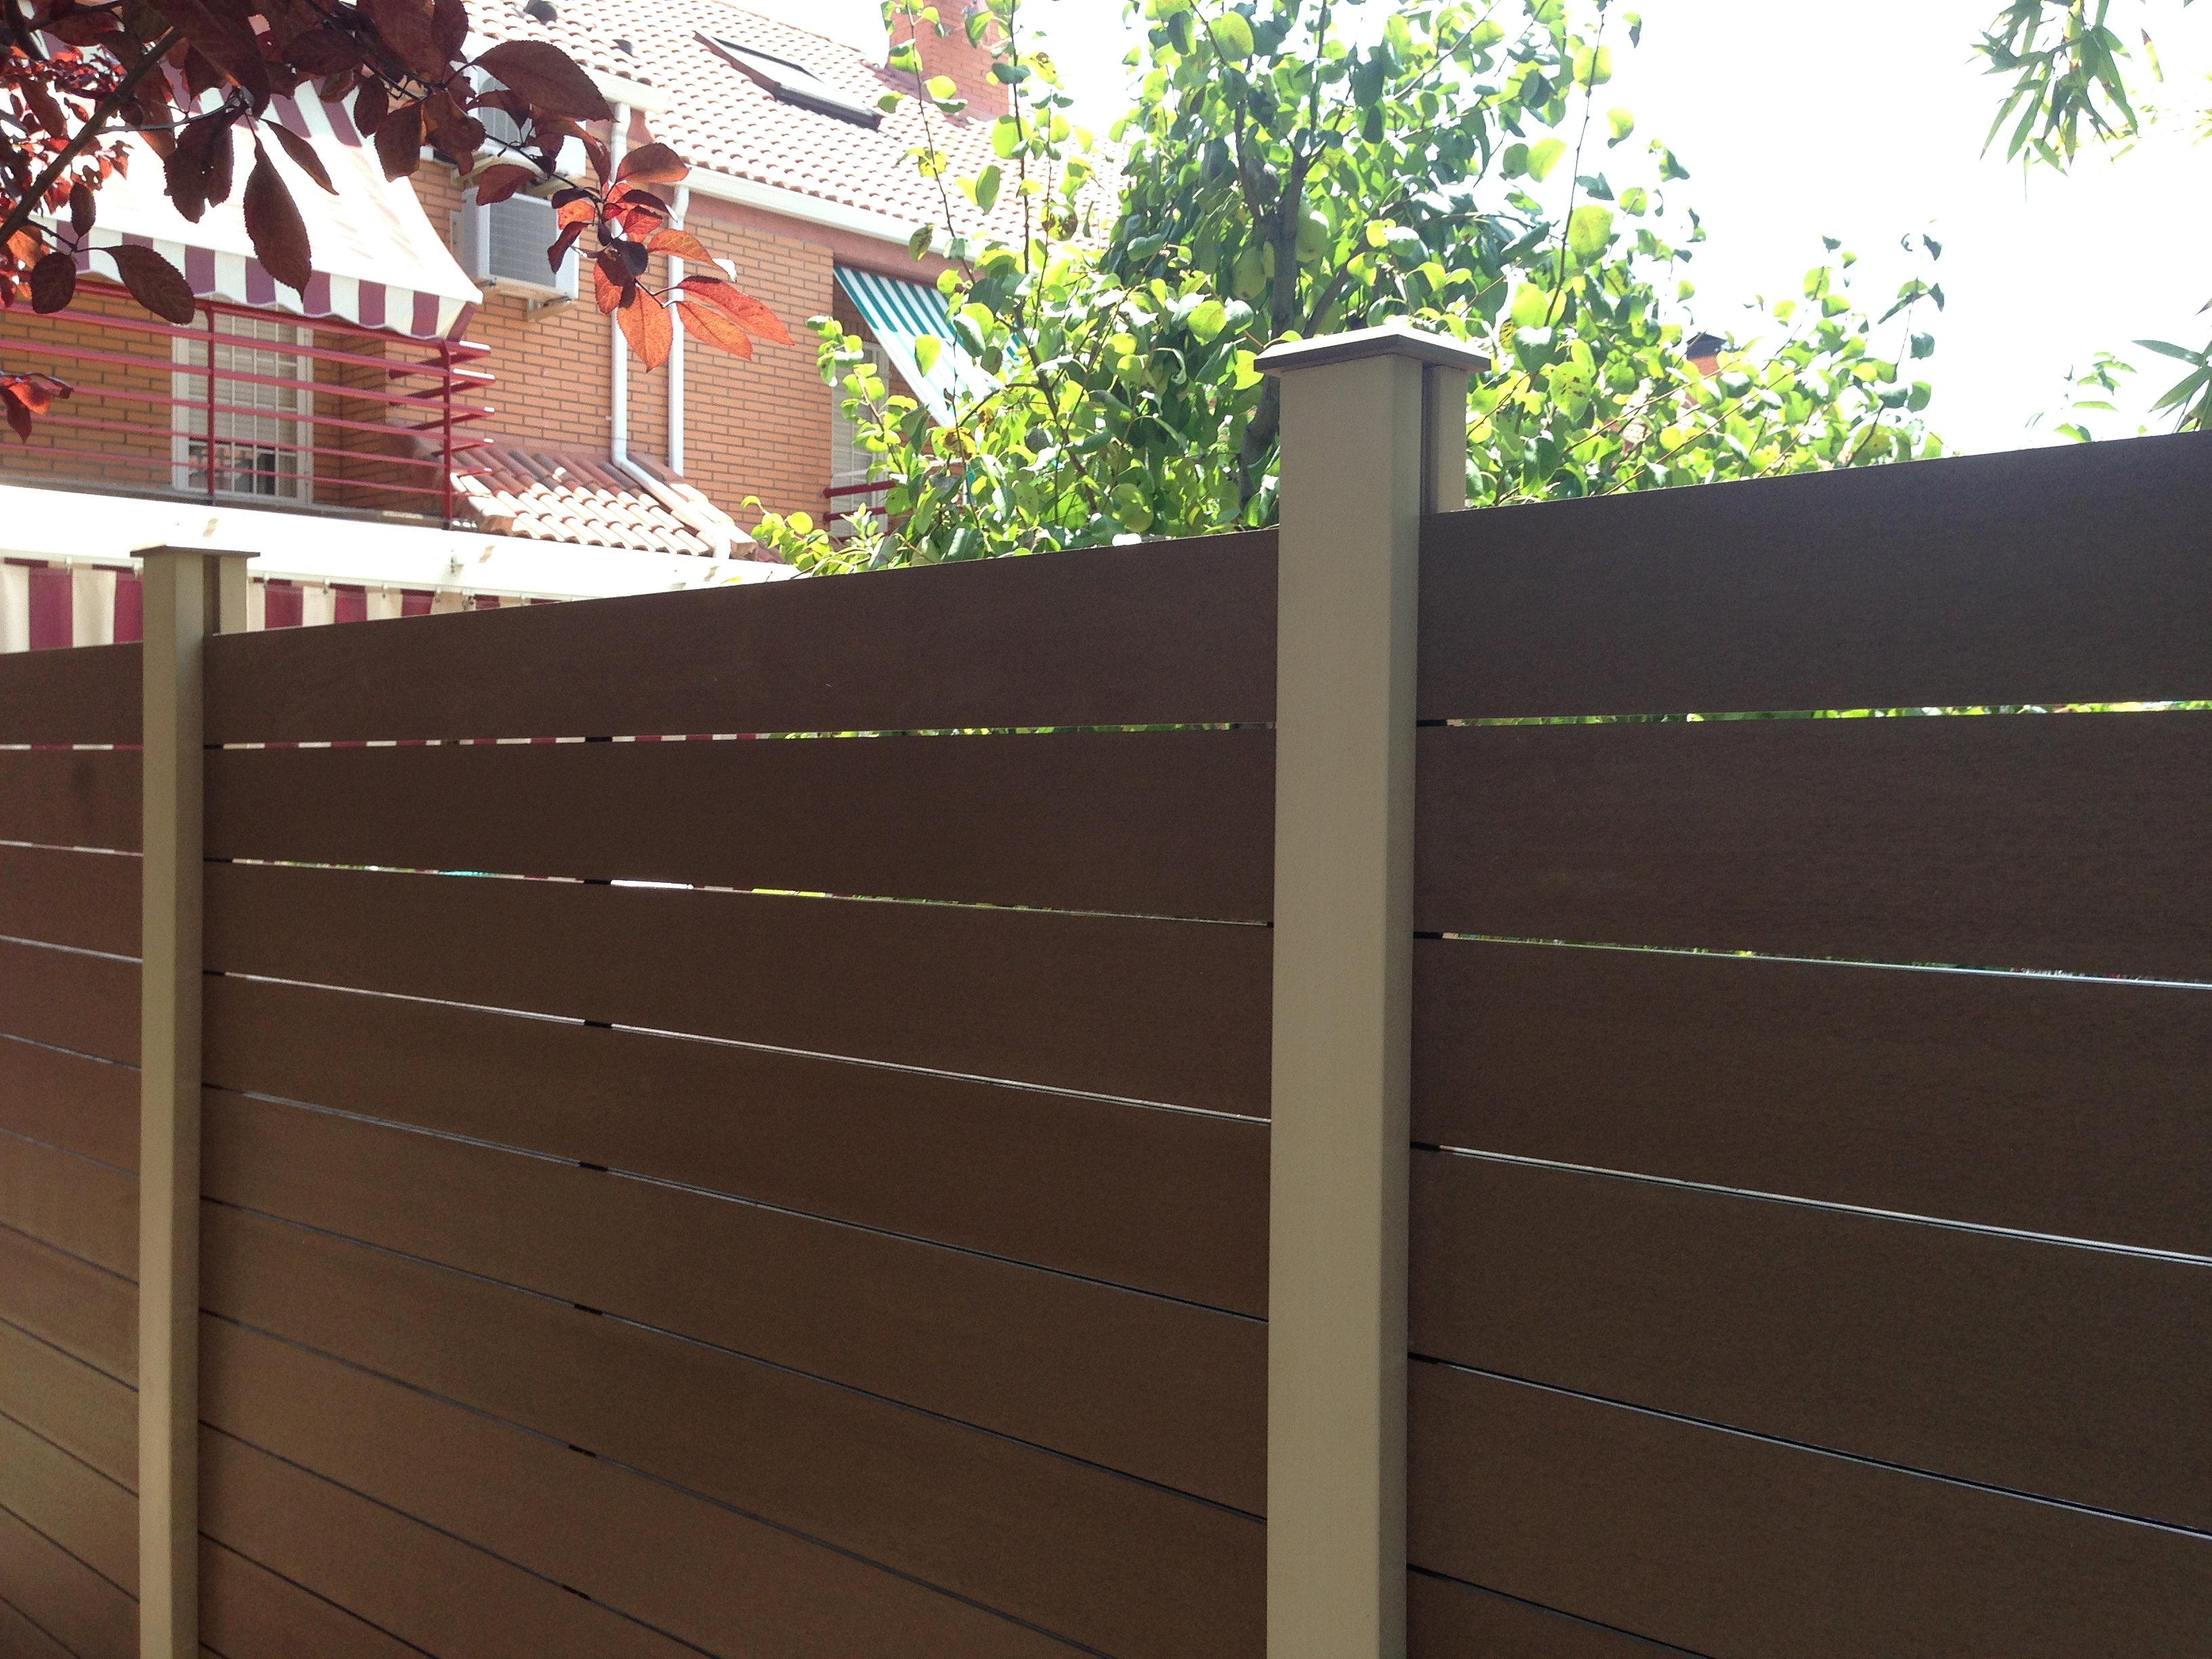 Tarima exterior sint tica suelos y fachadas - Cerramiento de madera ...